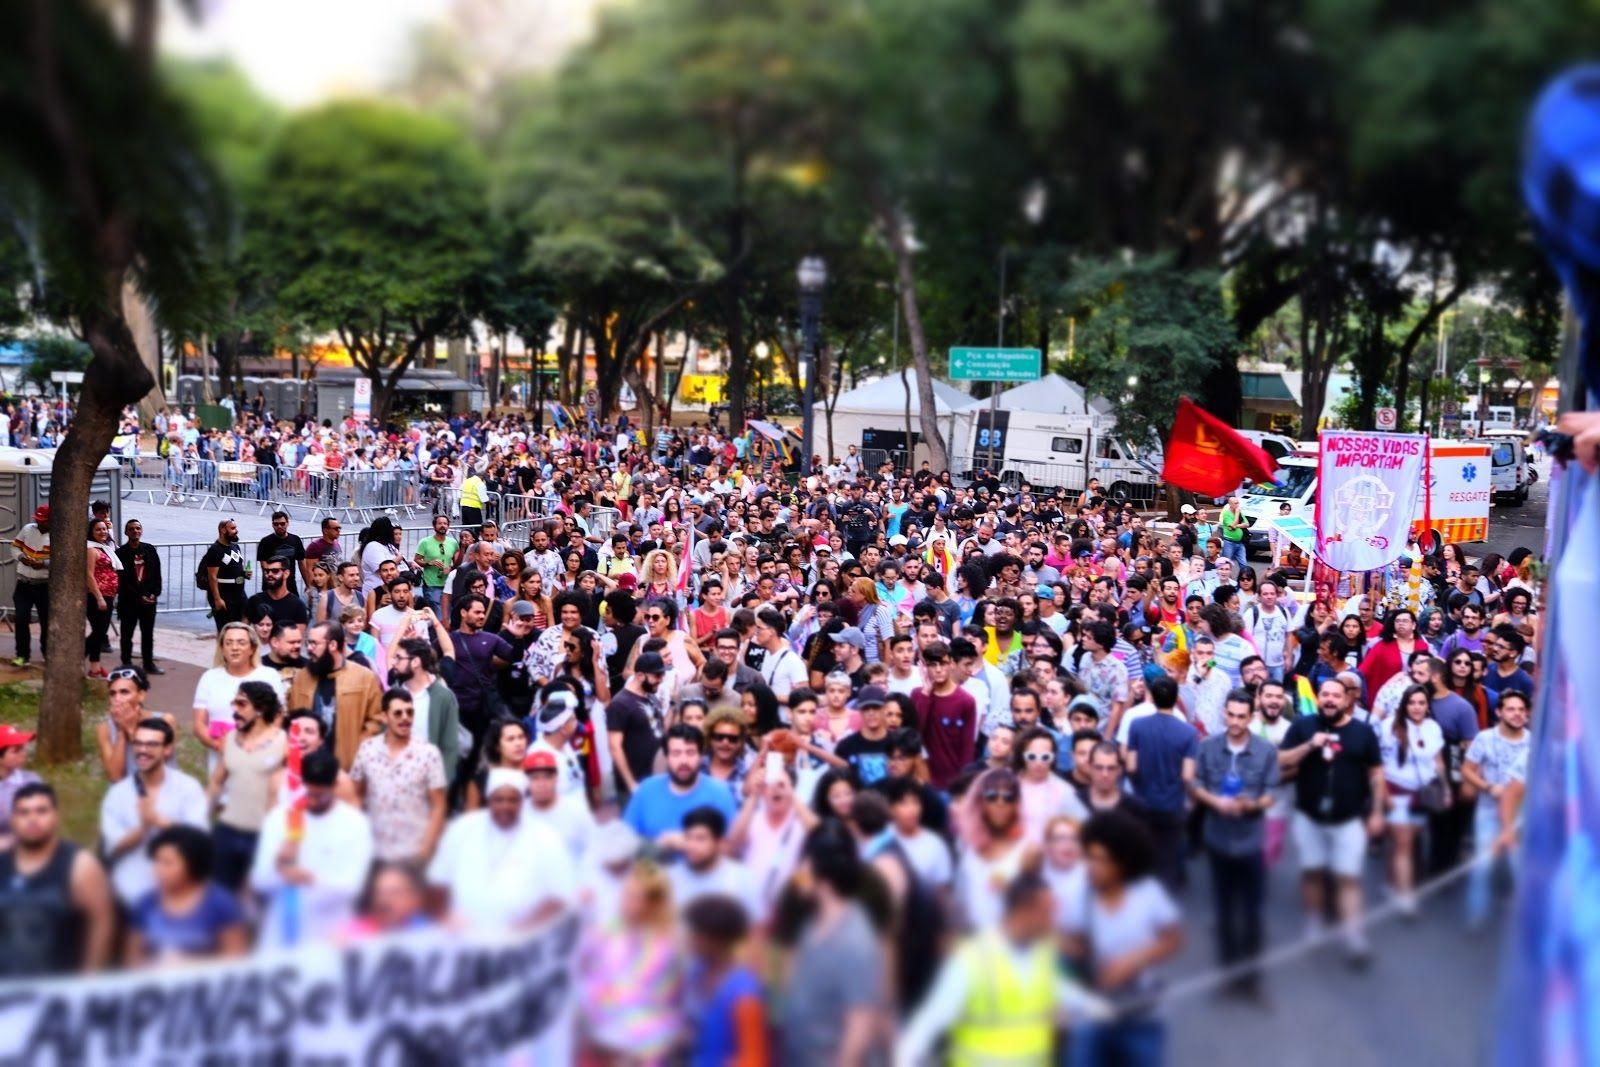 Foto do público da 1ª Marcha Trans de São Paulo. Foto: Pri Bertucci.